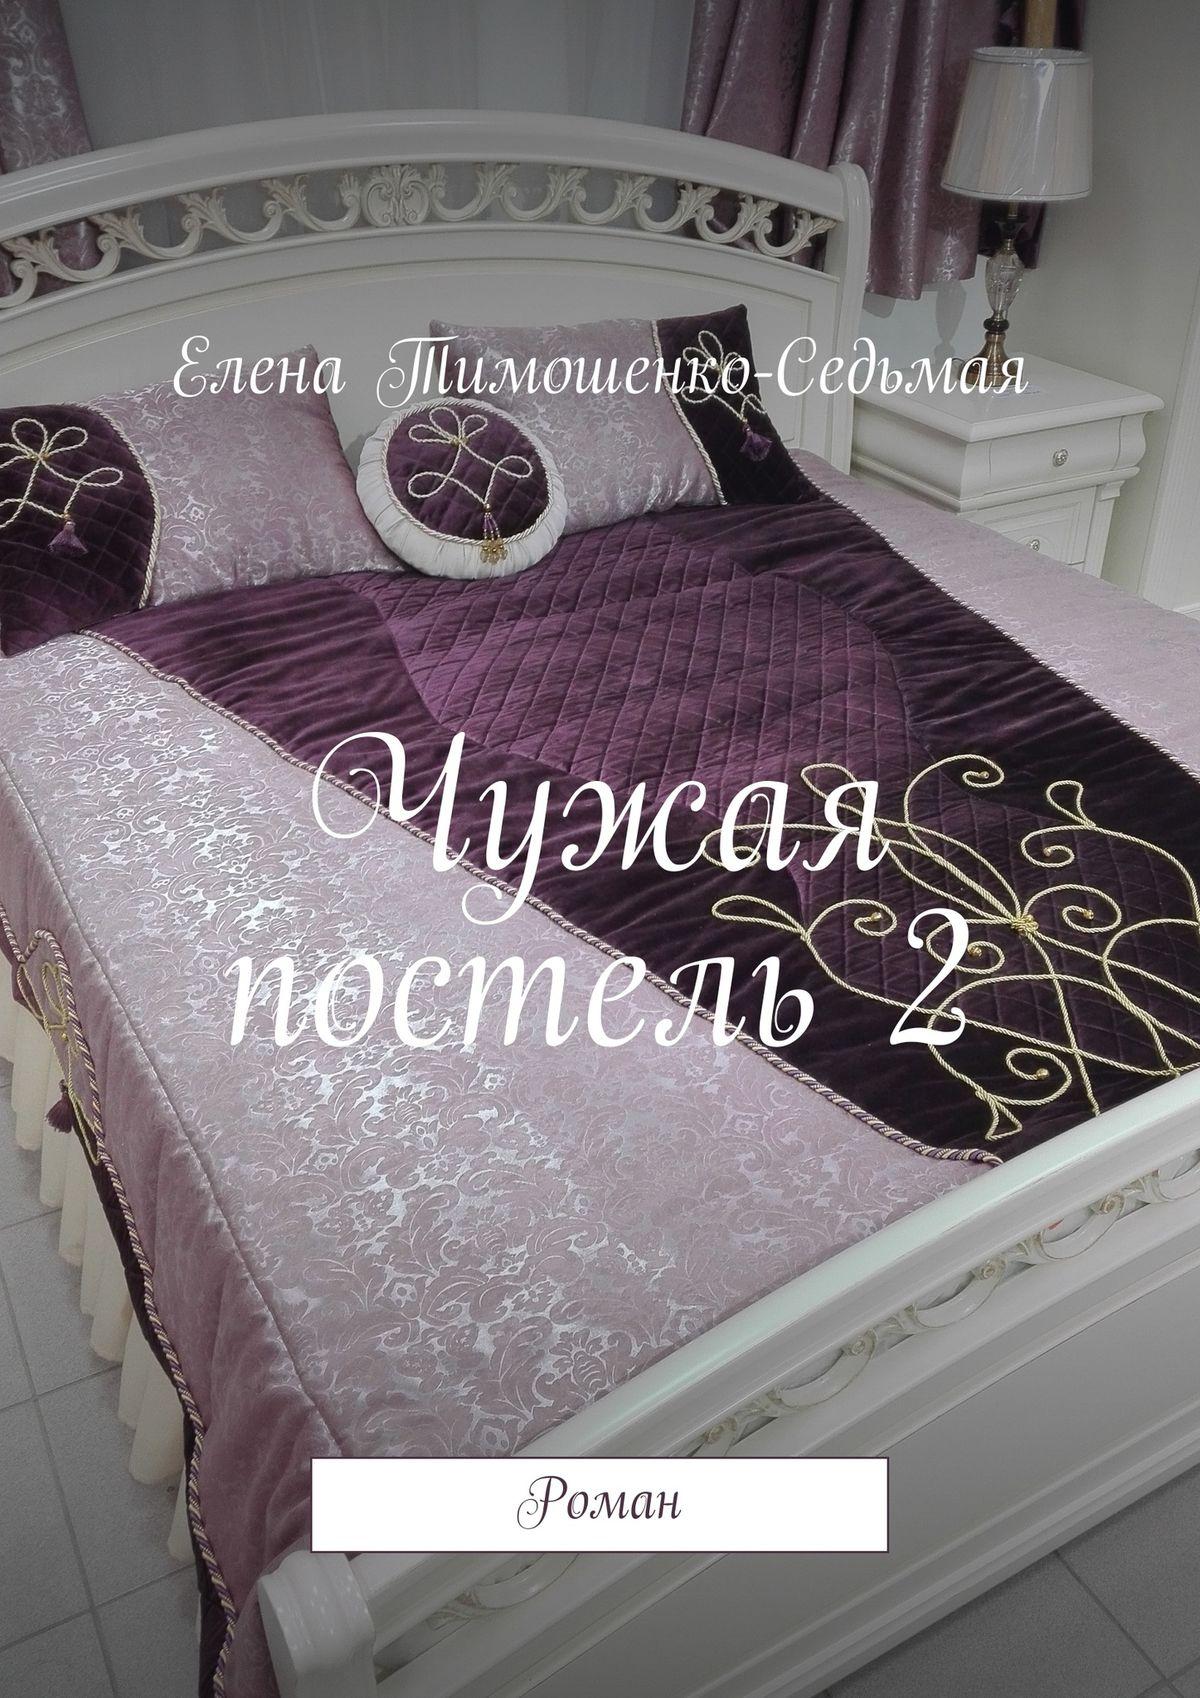 Елена Тимошенко-Седьмая Чужая постель 2. Роман арина александровна тропинова беззвездные миллениалы